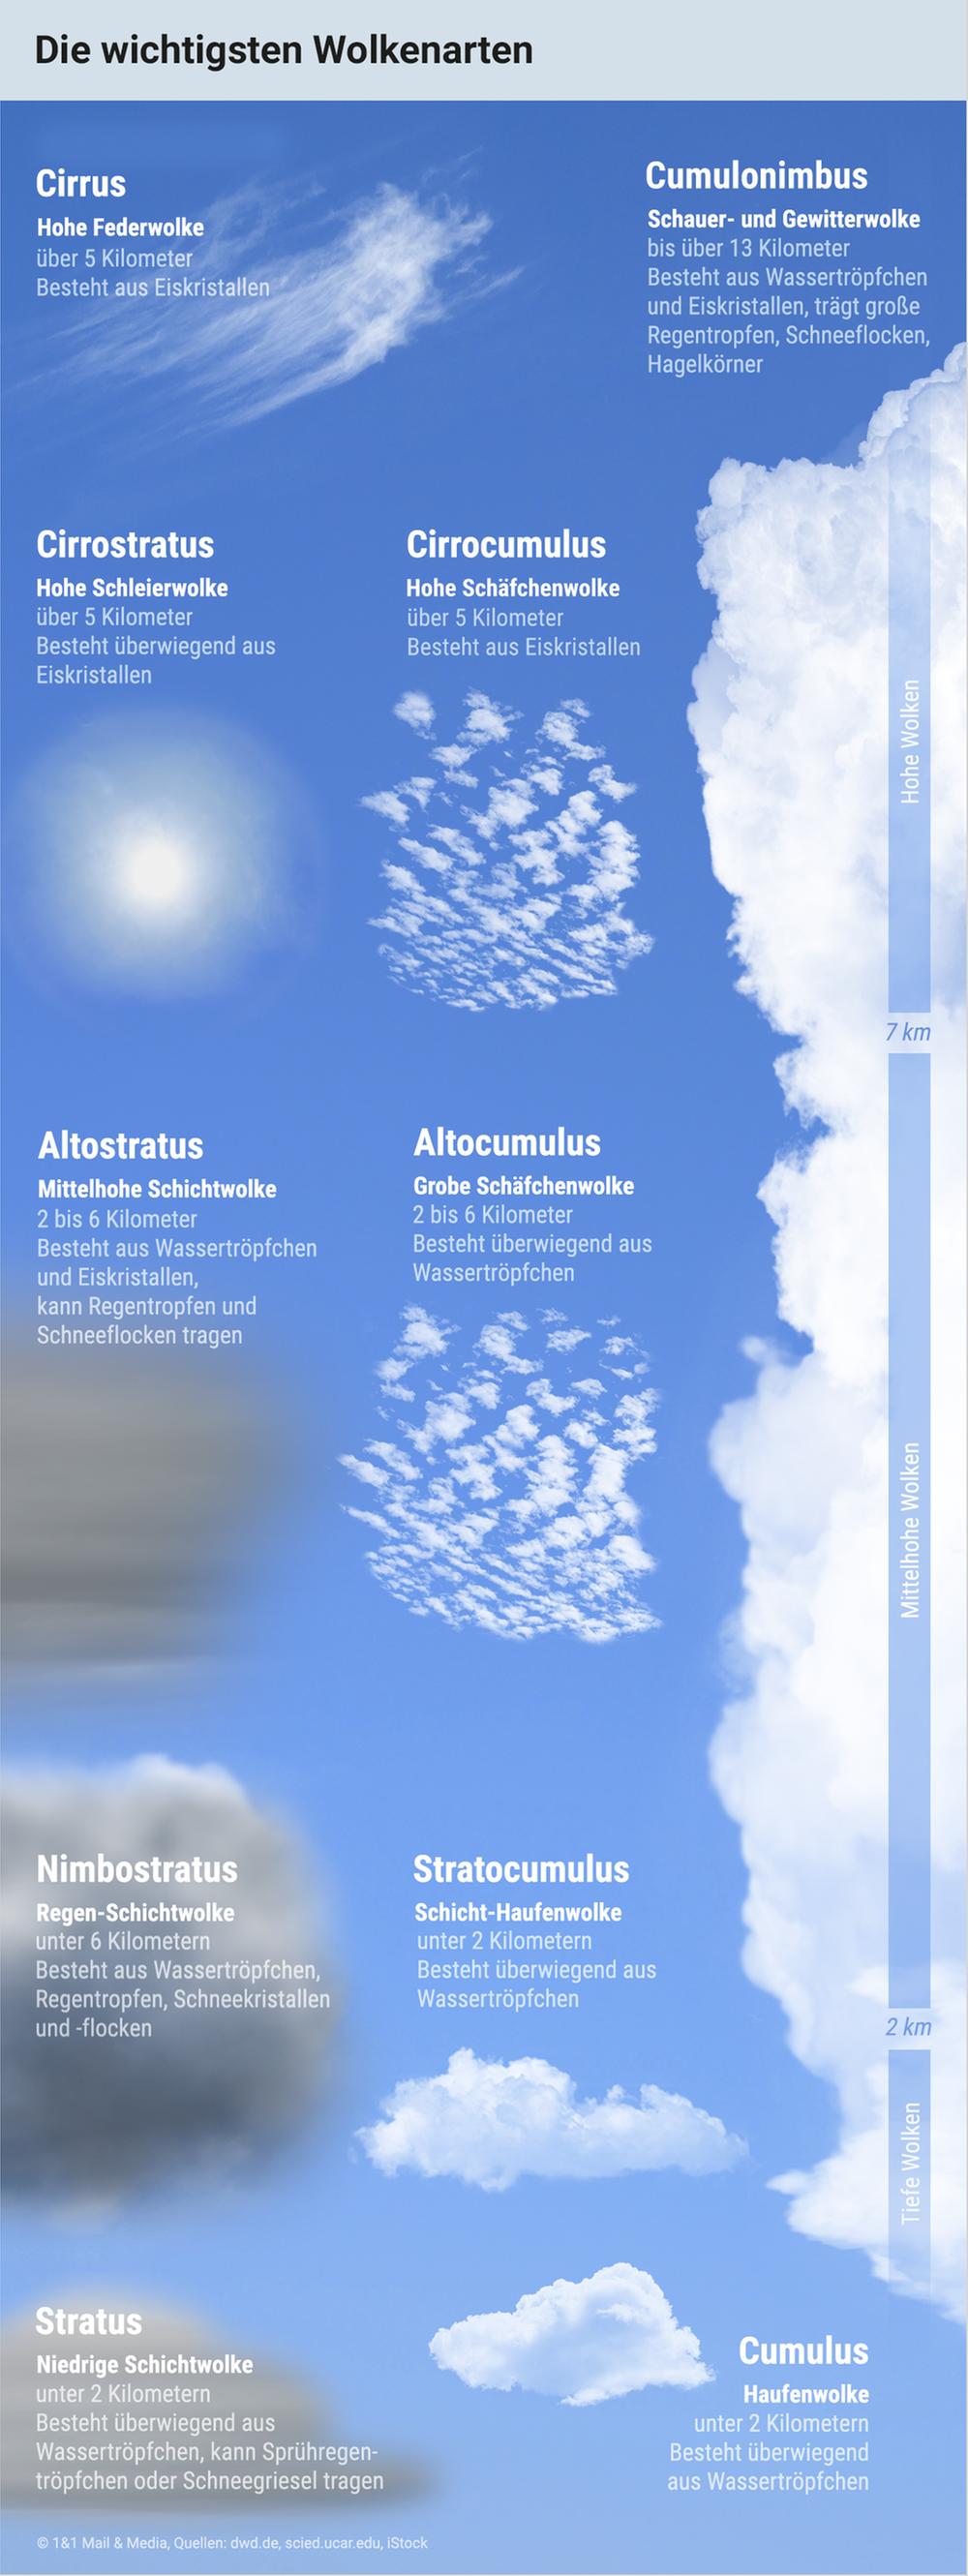 Die wichtigsten Wolkenarten, die sich in der Troposphäre bilden